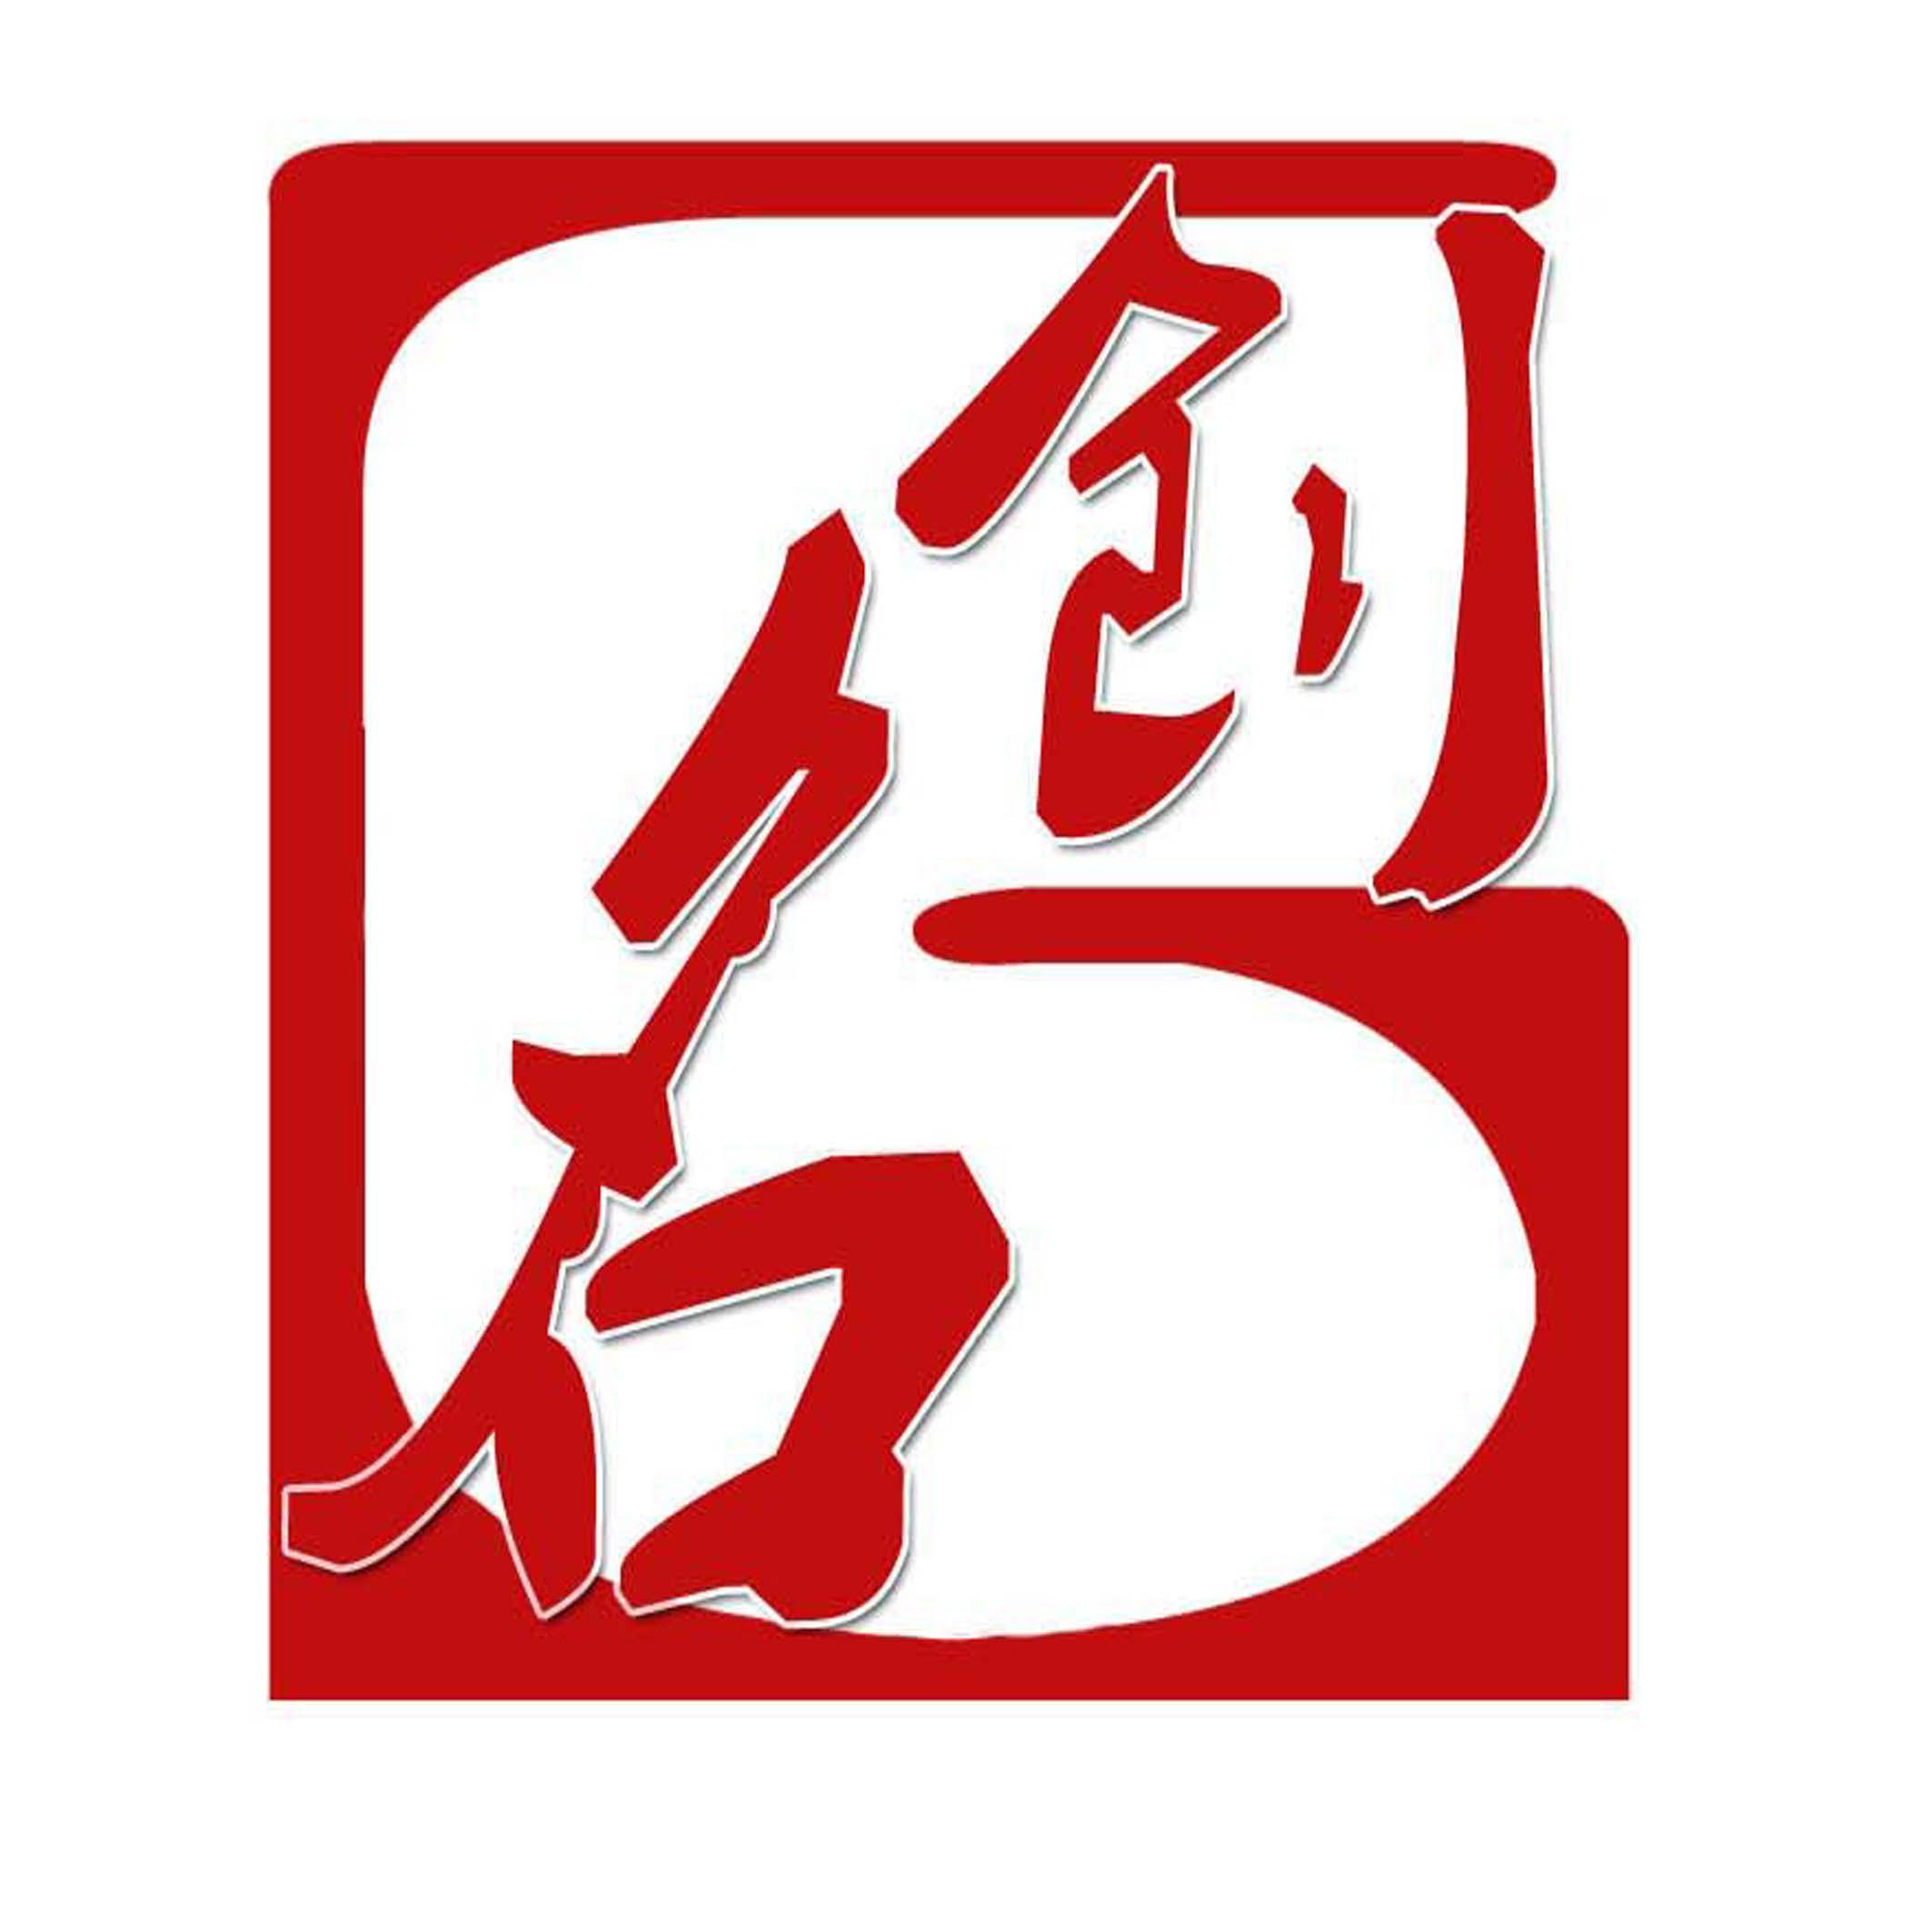 柳州名创装饰工程责任有限公司